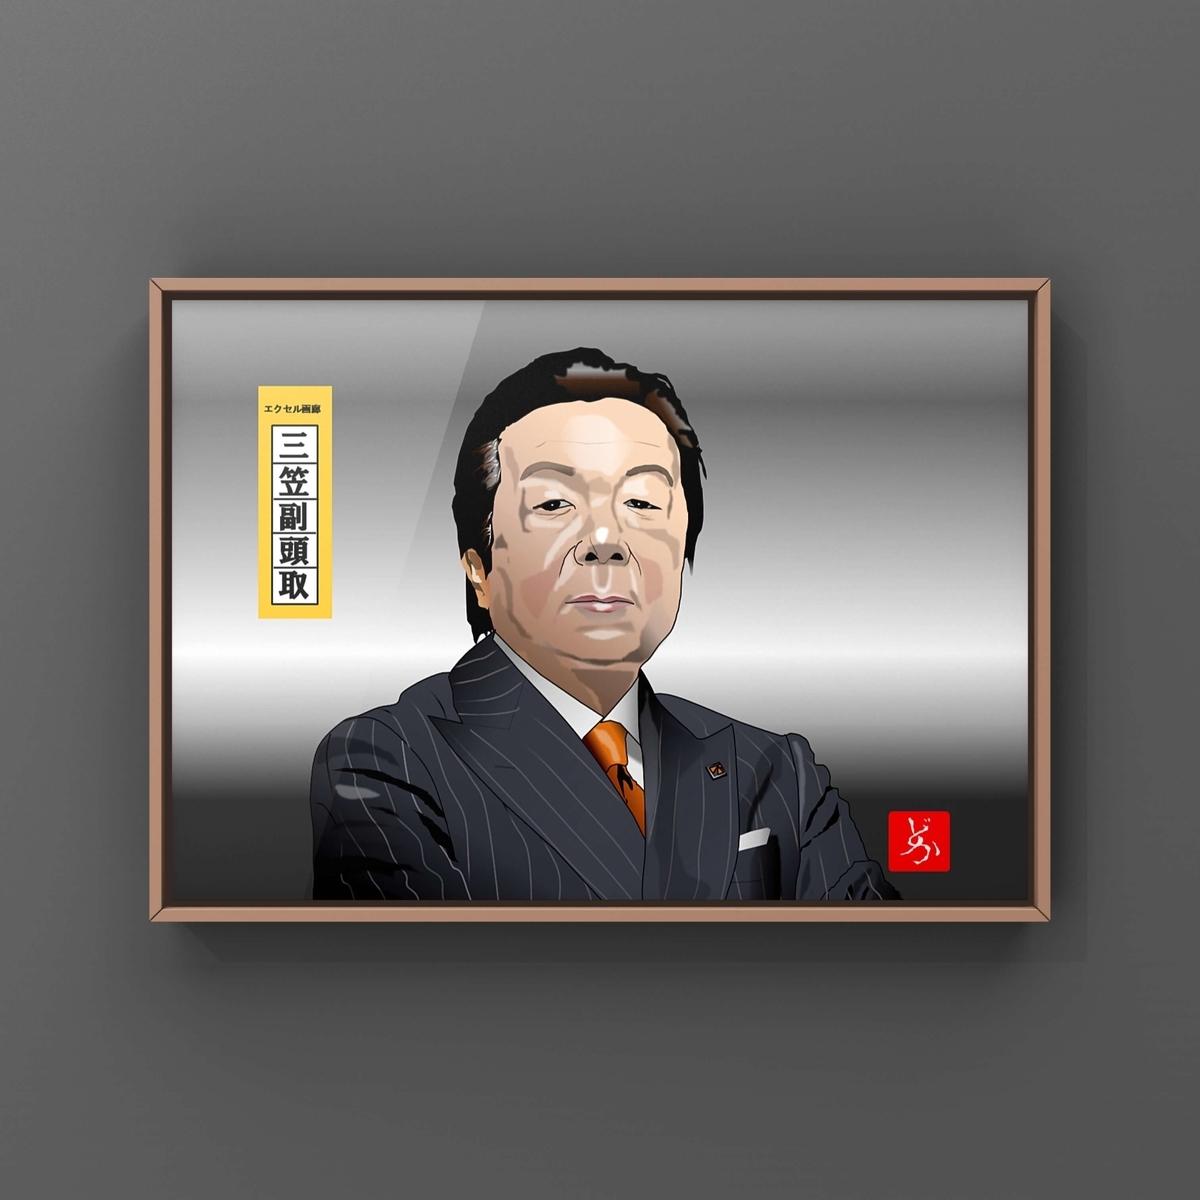 半沢直樹の三笠副頭取@古田新太のエクセル画イラスト額装版